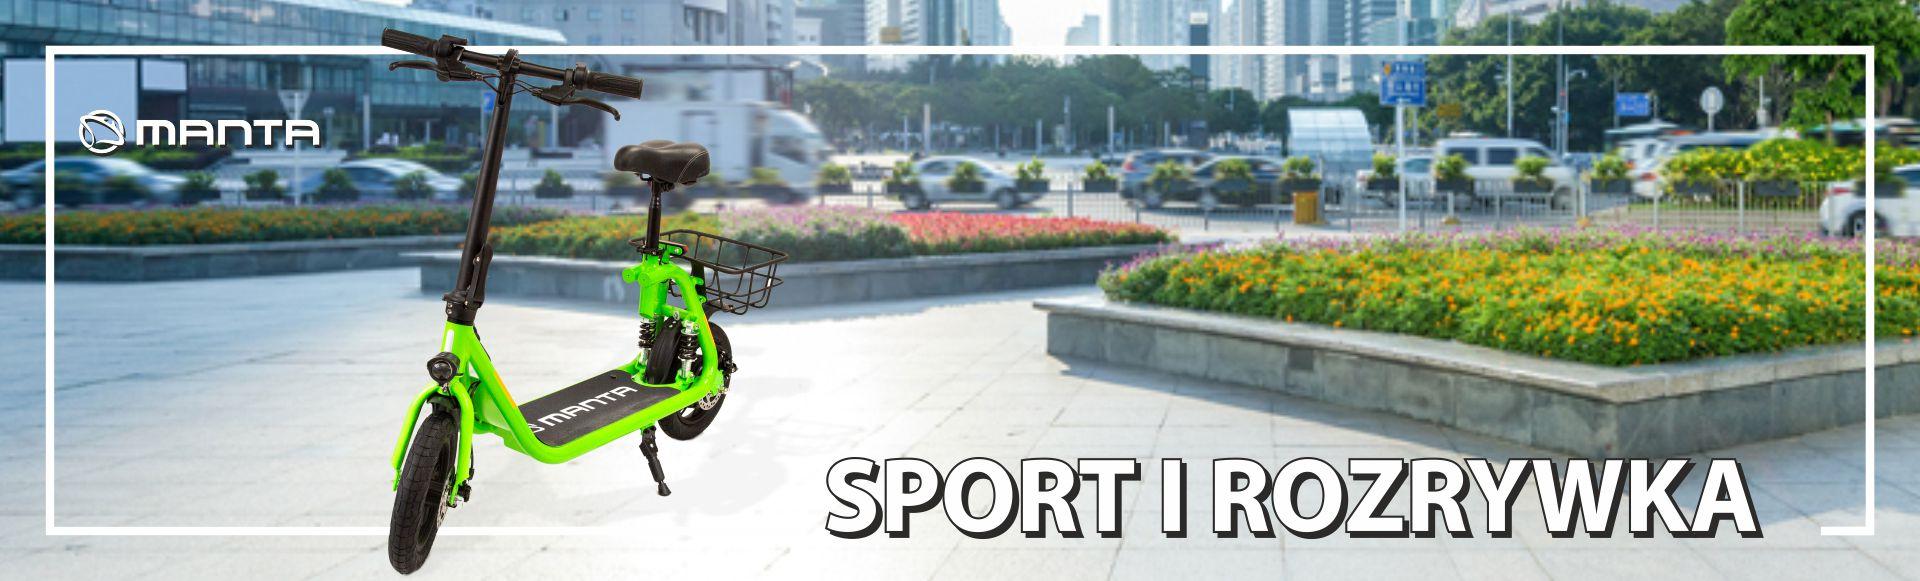 Sport i Rozrywka